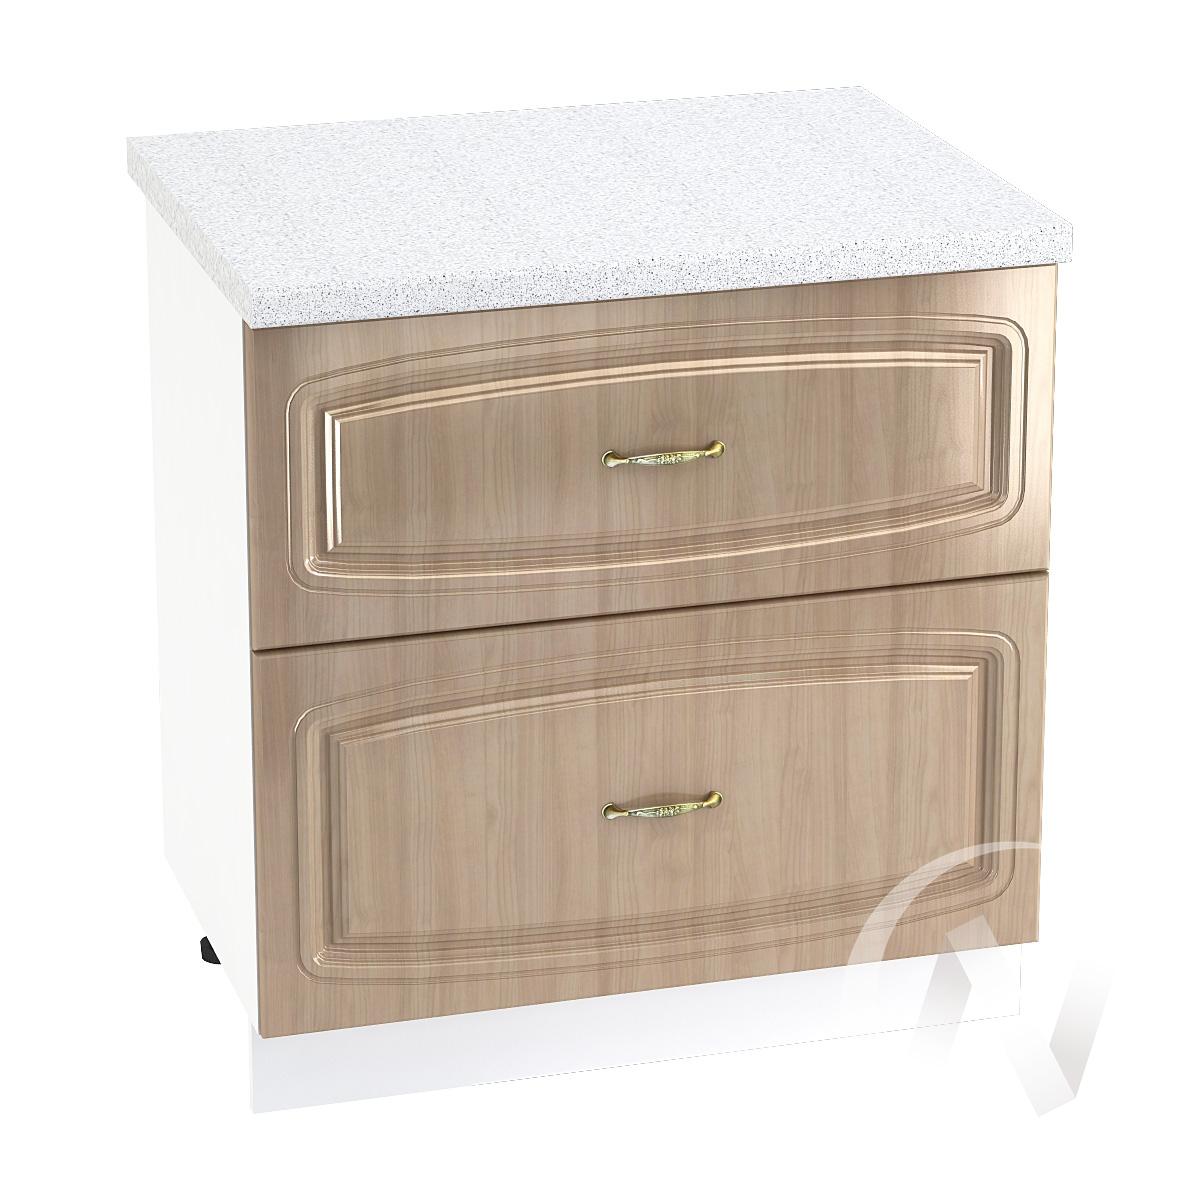 """Кухня """"Сити"""": Шкаф нижний с 2-мя ящиками 800, ШН2Я 800 (корпус белый)"""